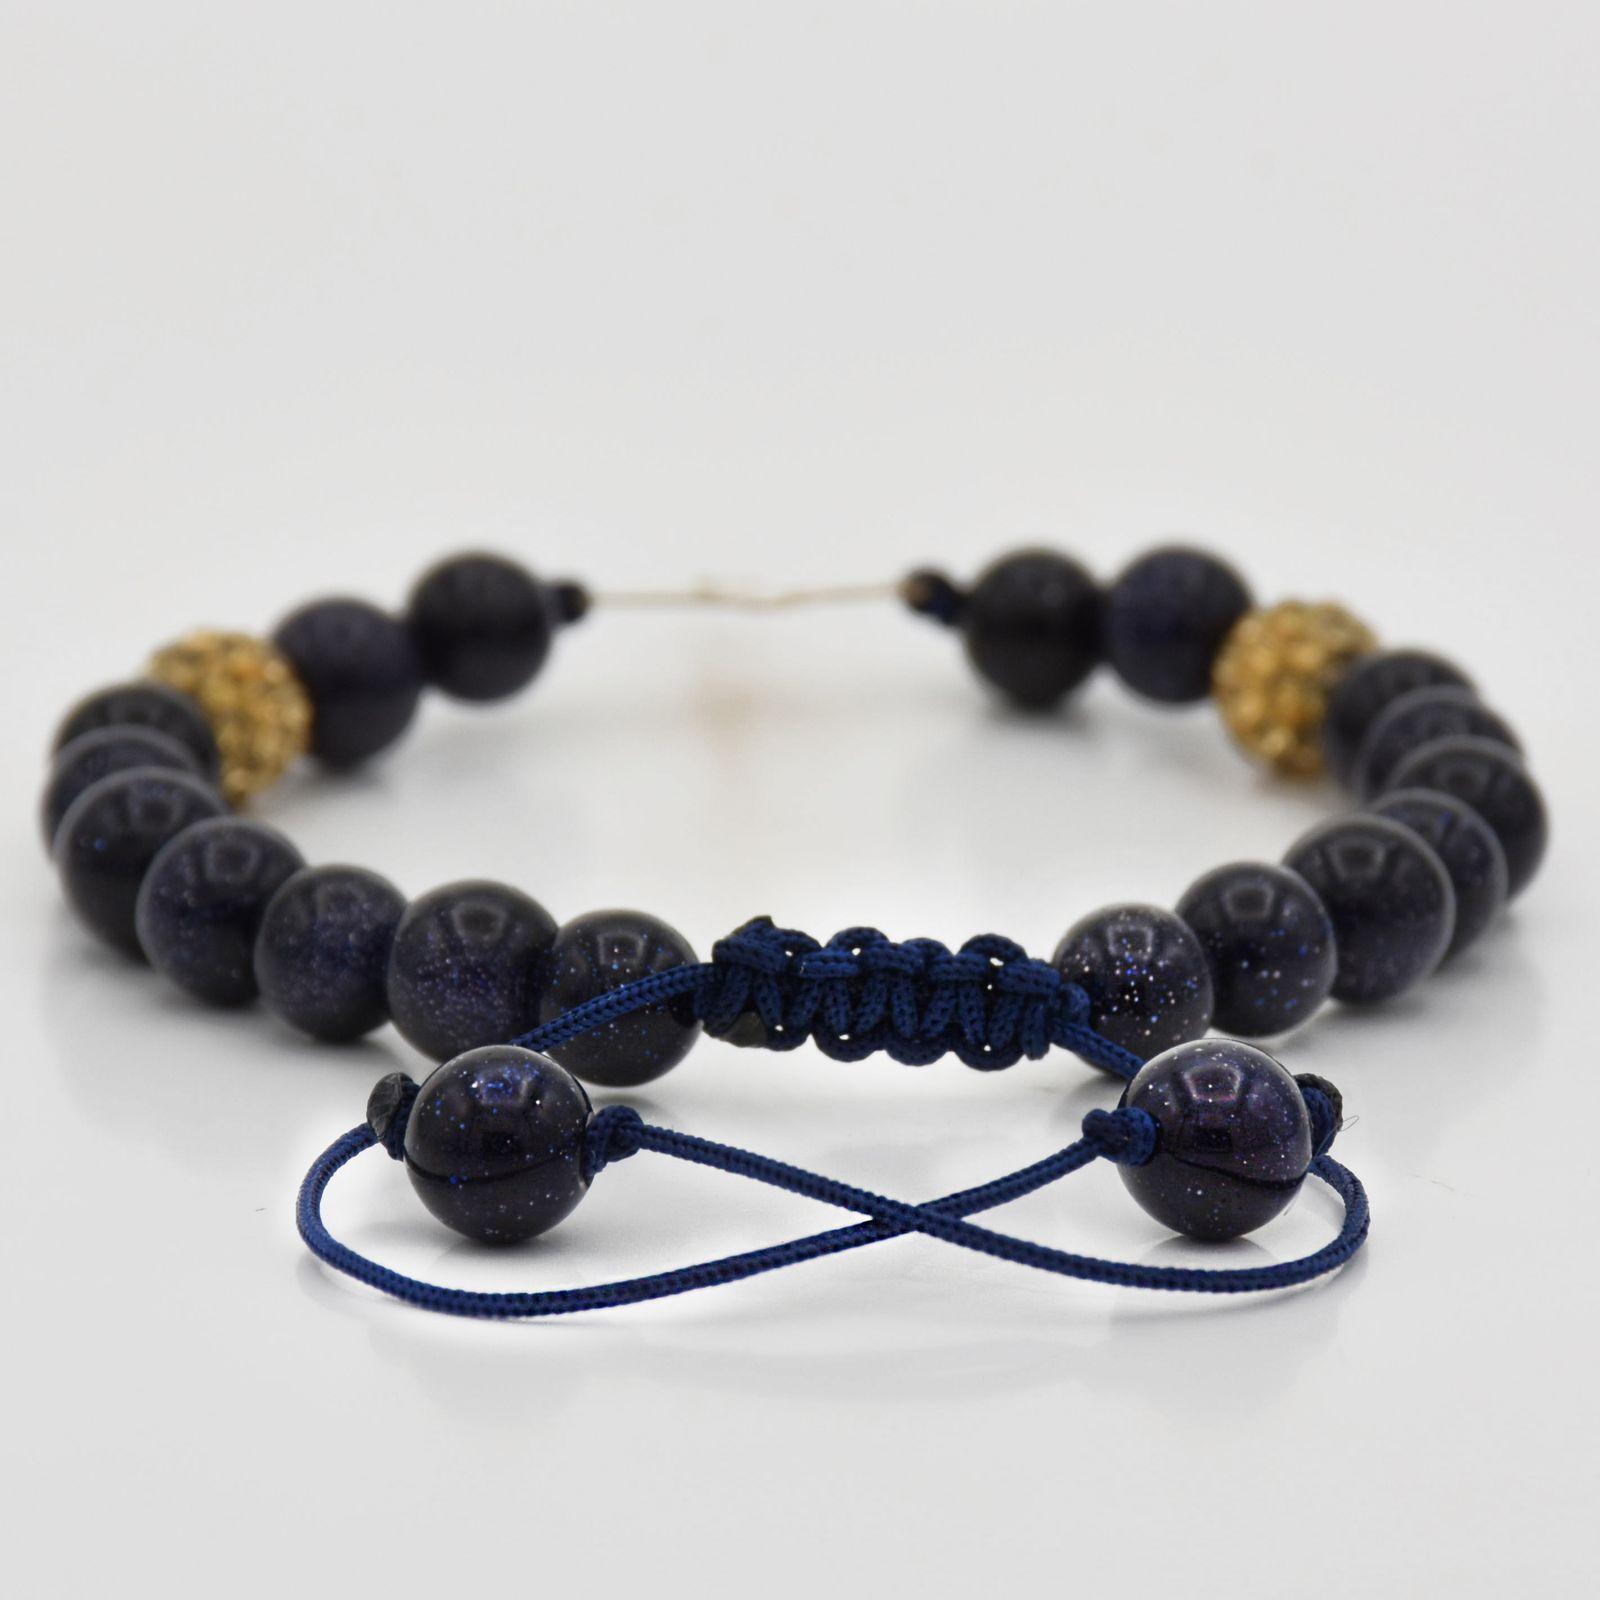 دستبند طلا 18 عیار زنانه آمانژ طرح بالرین کد 955D8902 -  - 3